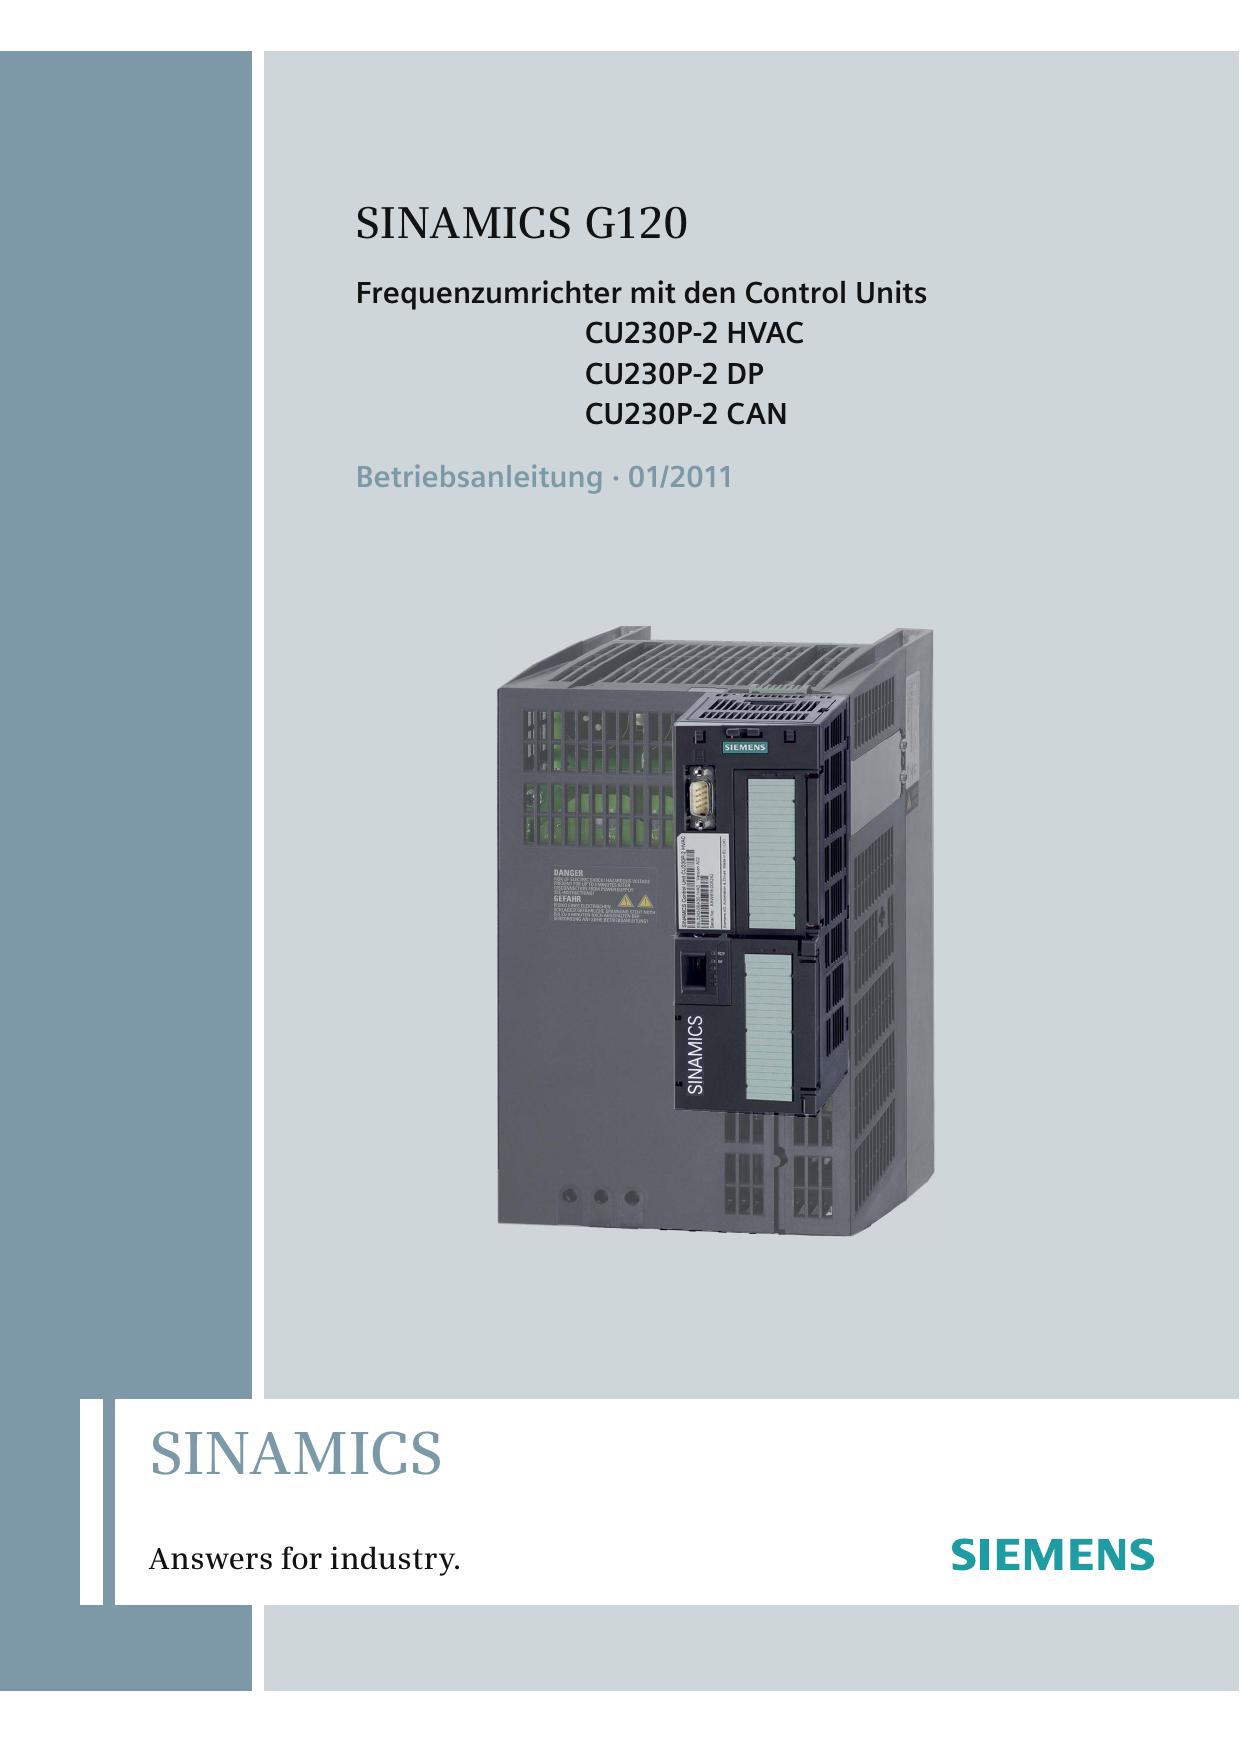 Betriebsanleitung Frequenzumrichter G120P | manualzz.com